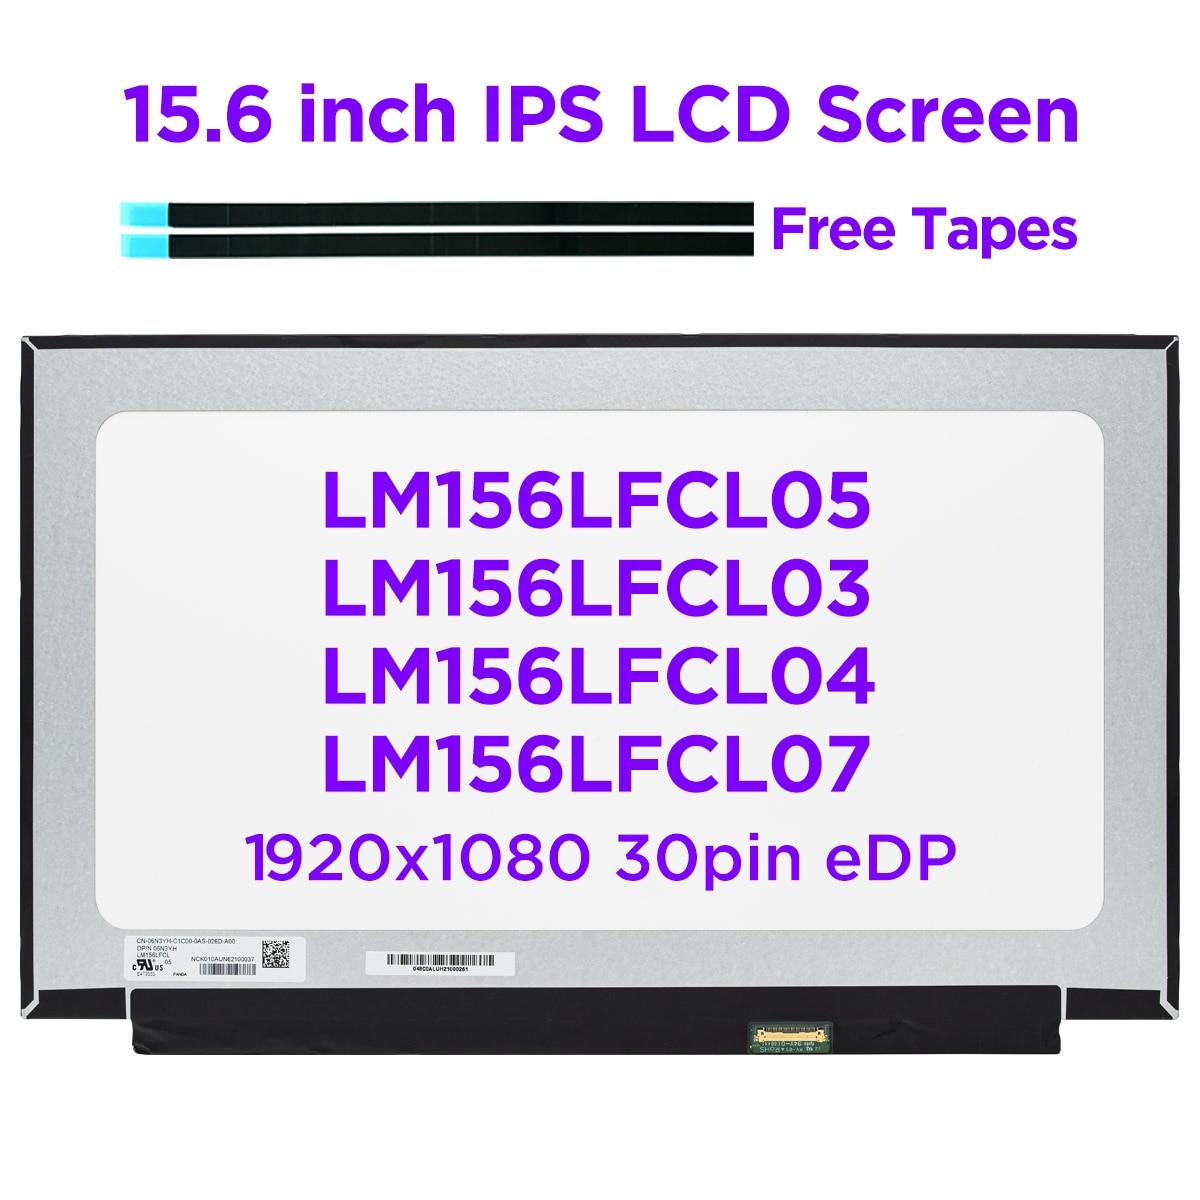 جديد 15.6 IPS شاشة لاب توب LCD LM156LFCL05 LM156LFCL01 LM156LFCL03 LM156LFCL04 LM156LFCL07 LED شاشة عرض مصفوفة FHD1920x1080 30pin